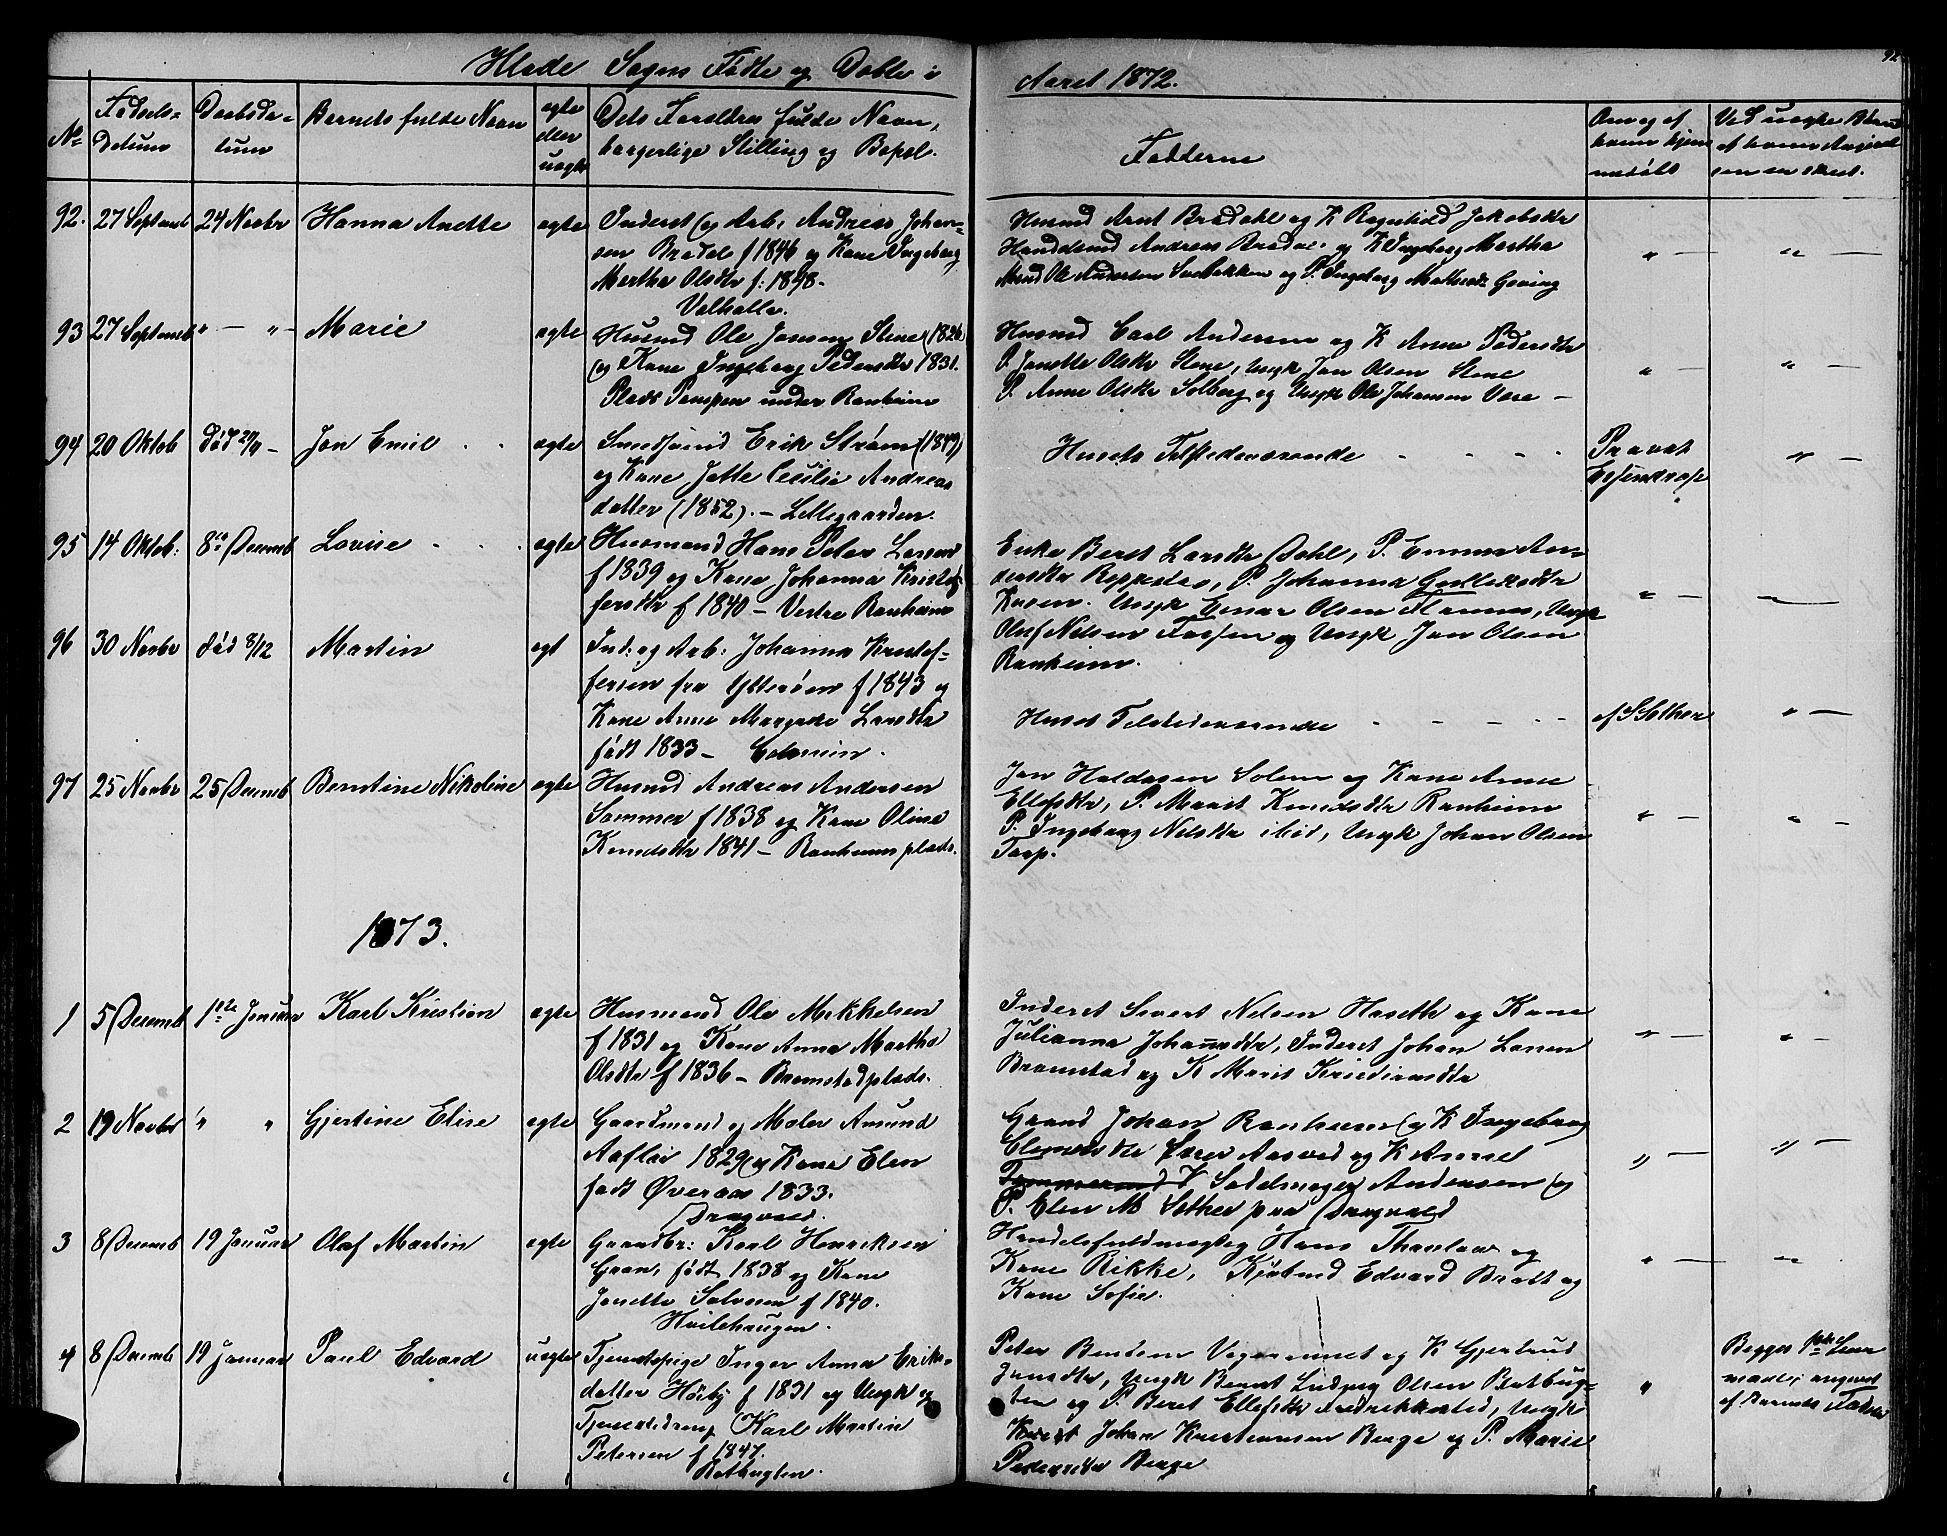 SAT, Ministerialprotokoller, klokkerbøker og fødselsregistre - Sør-Trøndelag, 606/L0311: Klokkerbok nr. 606C07, 1860-1877, s. 92